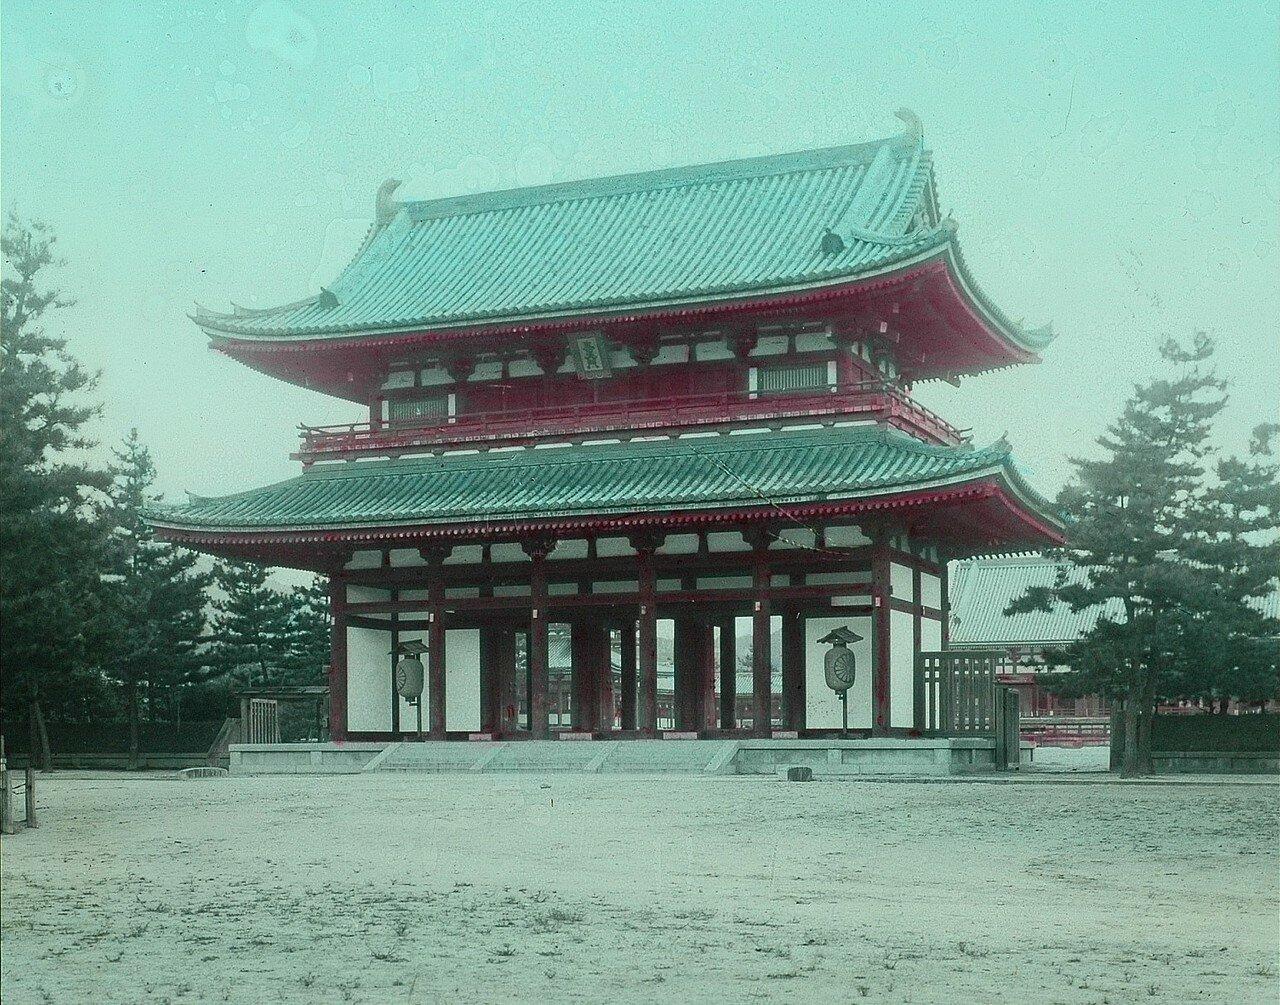 Киото. Главные ворота храмового комплекса Тофуку-дзи